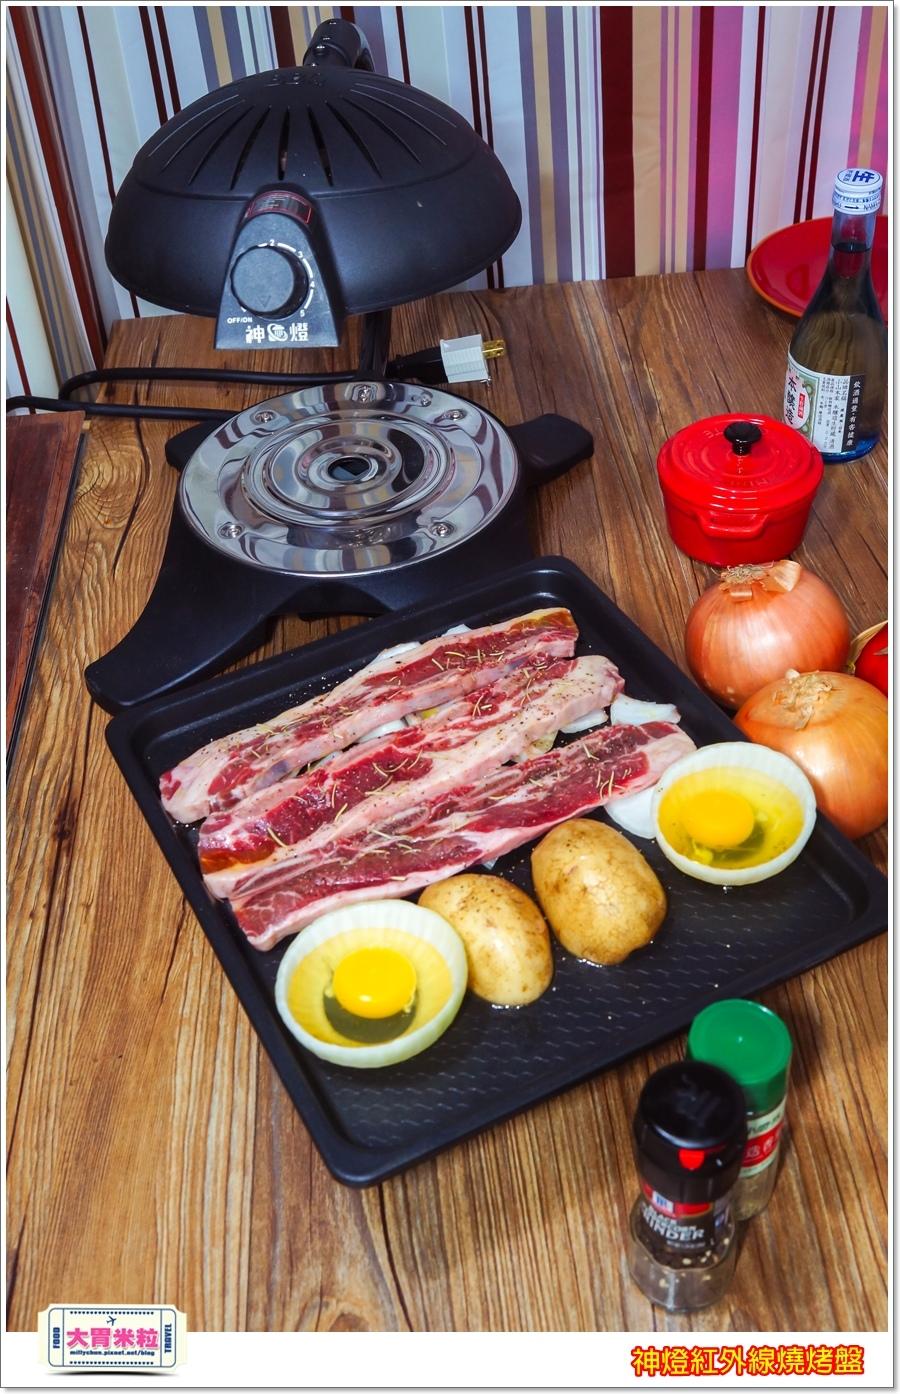 神燈紅外線燒烤盤@大胃米粒00043.jpg